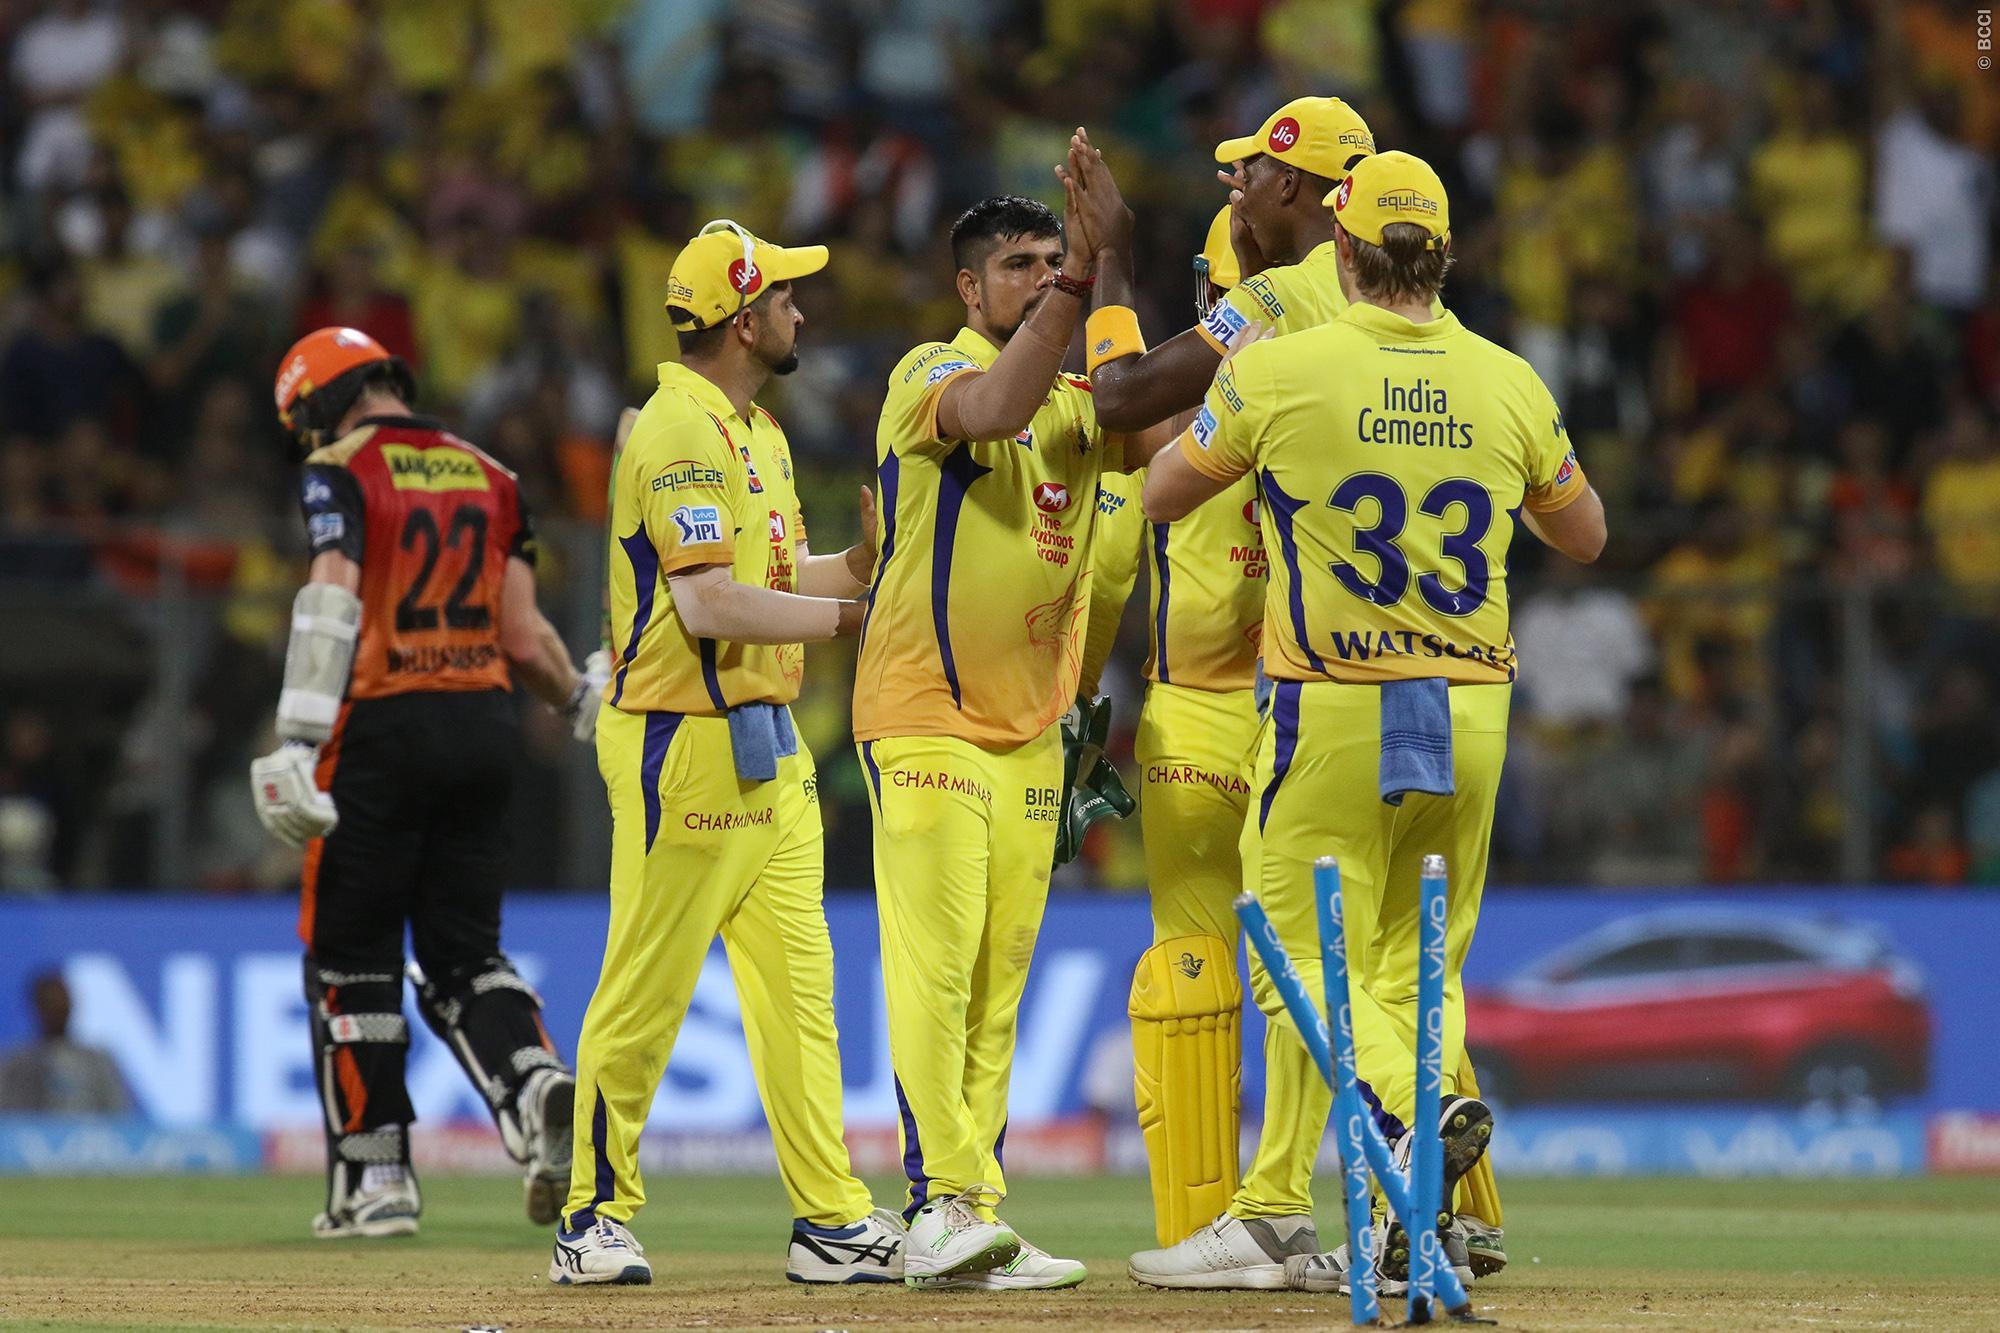 CSKvsSRH: चेन्नई की जीत में शतकीय पारी खेलने के बाद सोशल मीडिया पर छाए वाटसन, तारीफ़ करने से खुद को रोक नहीं सके वीरेंद्र सहवाग 16